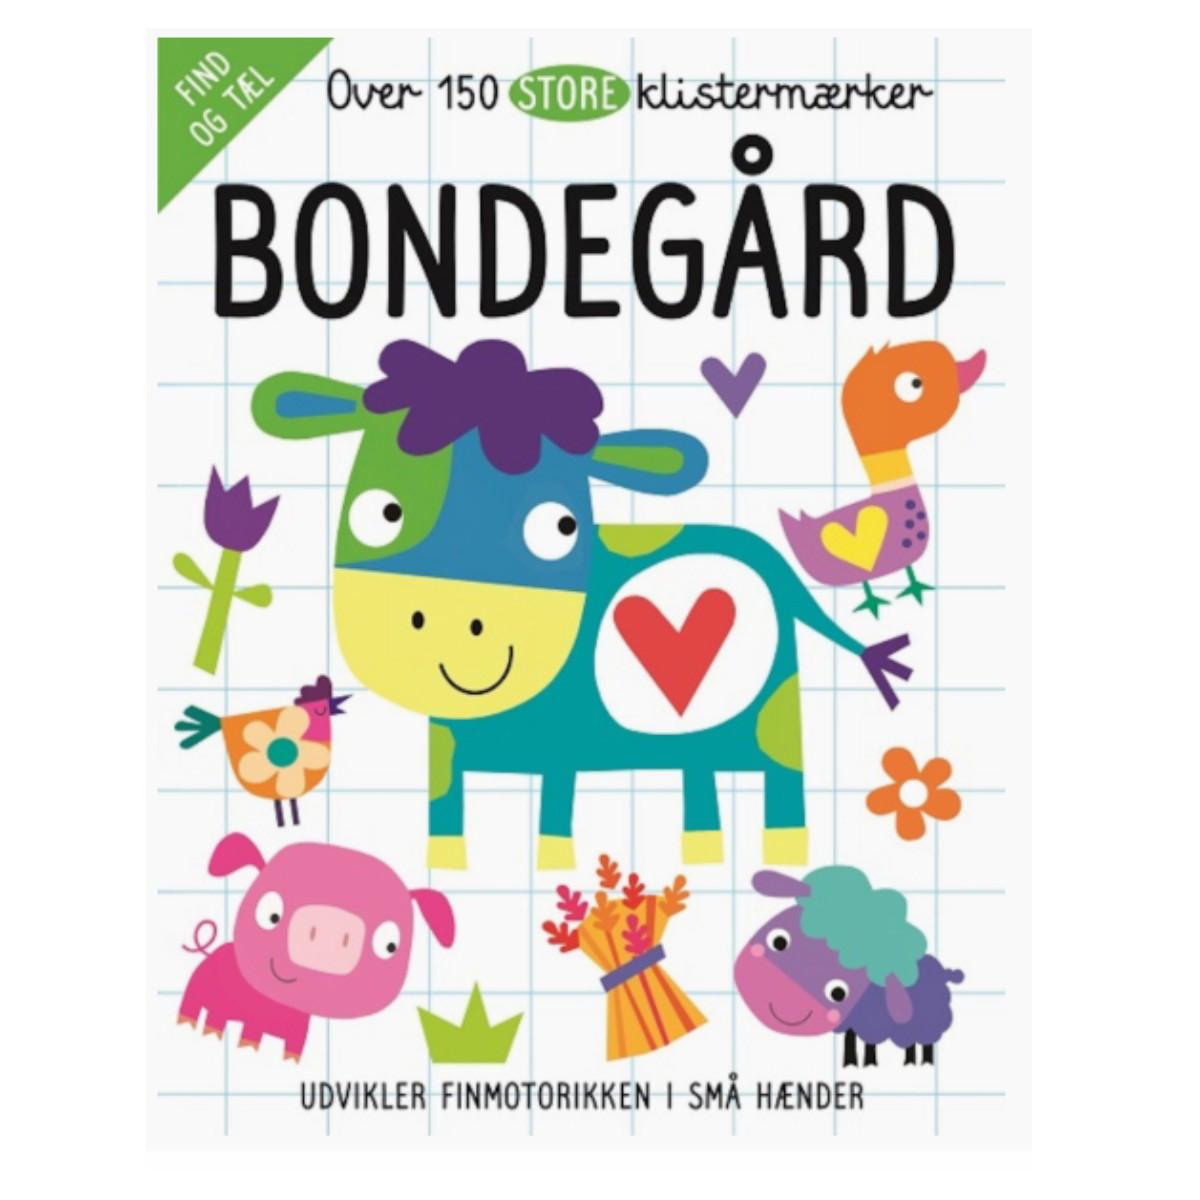 Image of 150 Klistermærker, Bondegård